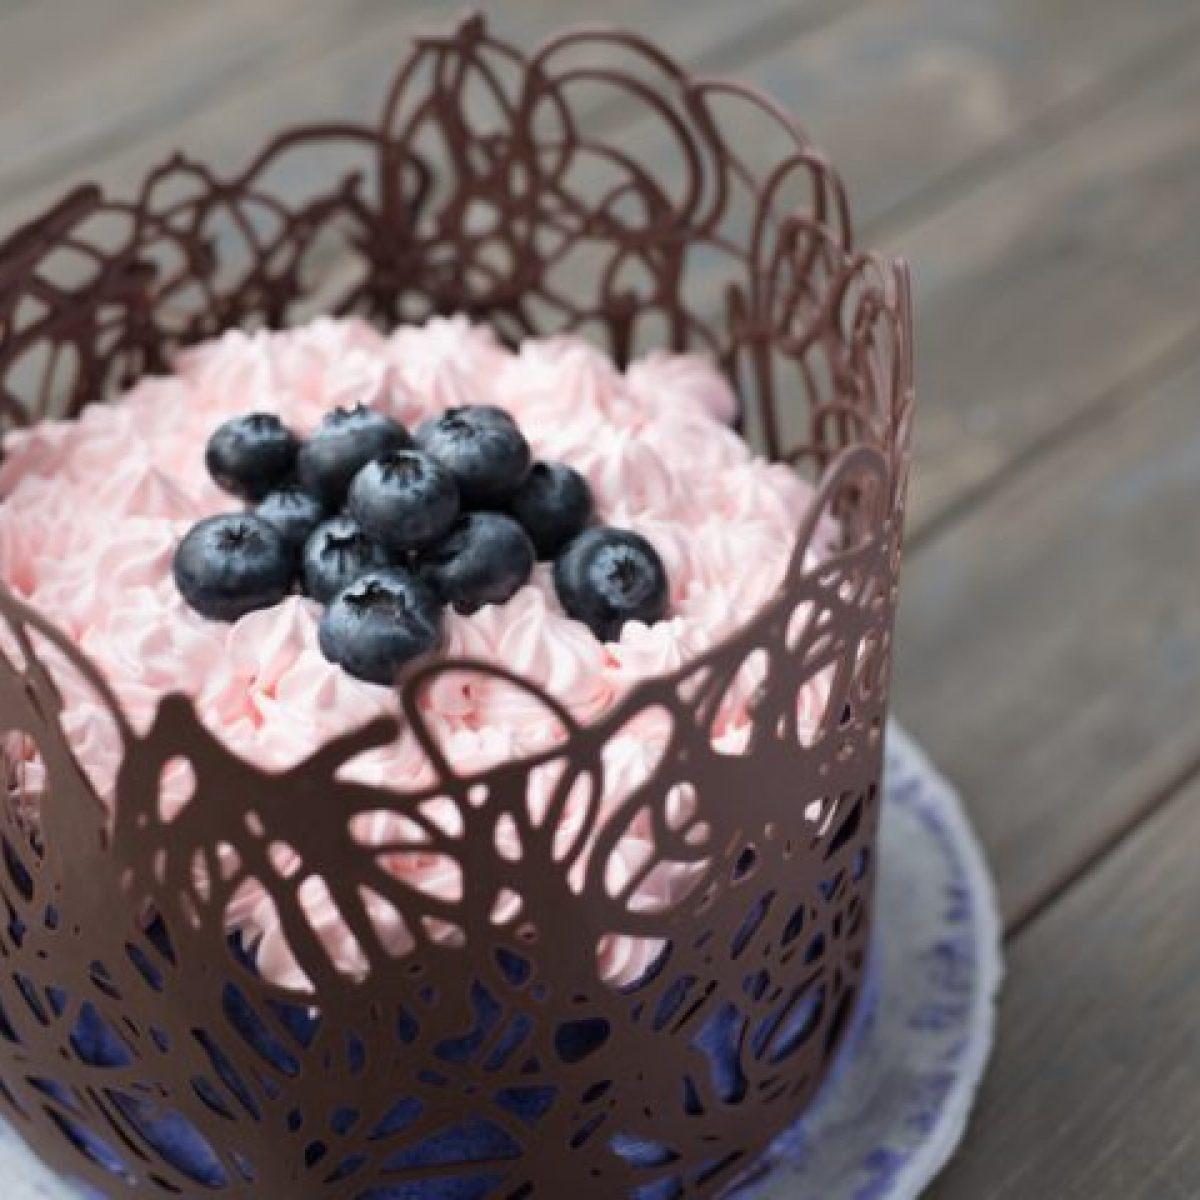 Idee Per Decorare Una Torta come decorare le torte: 10 idee fai da te facili e veloci